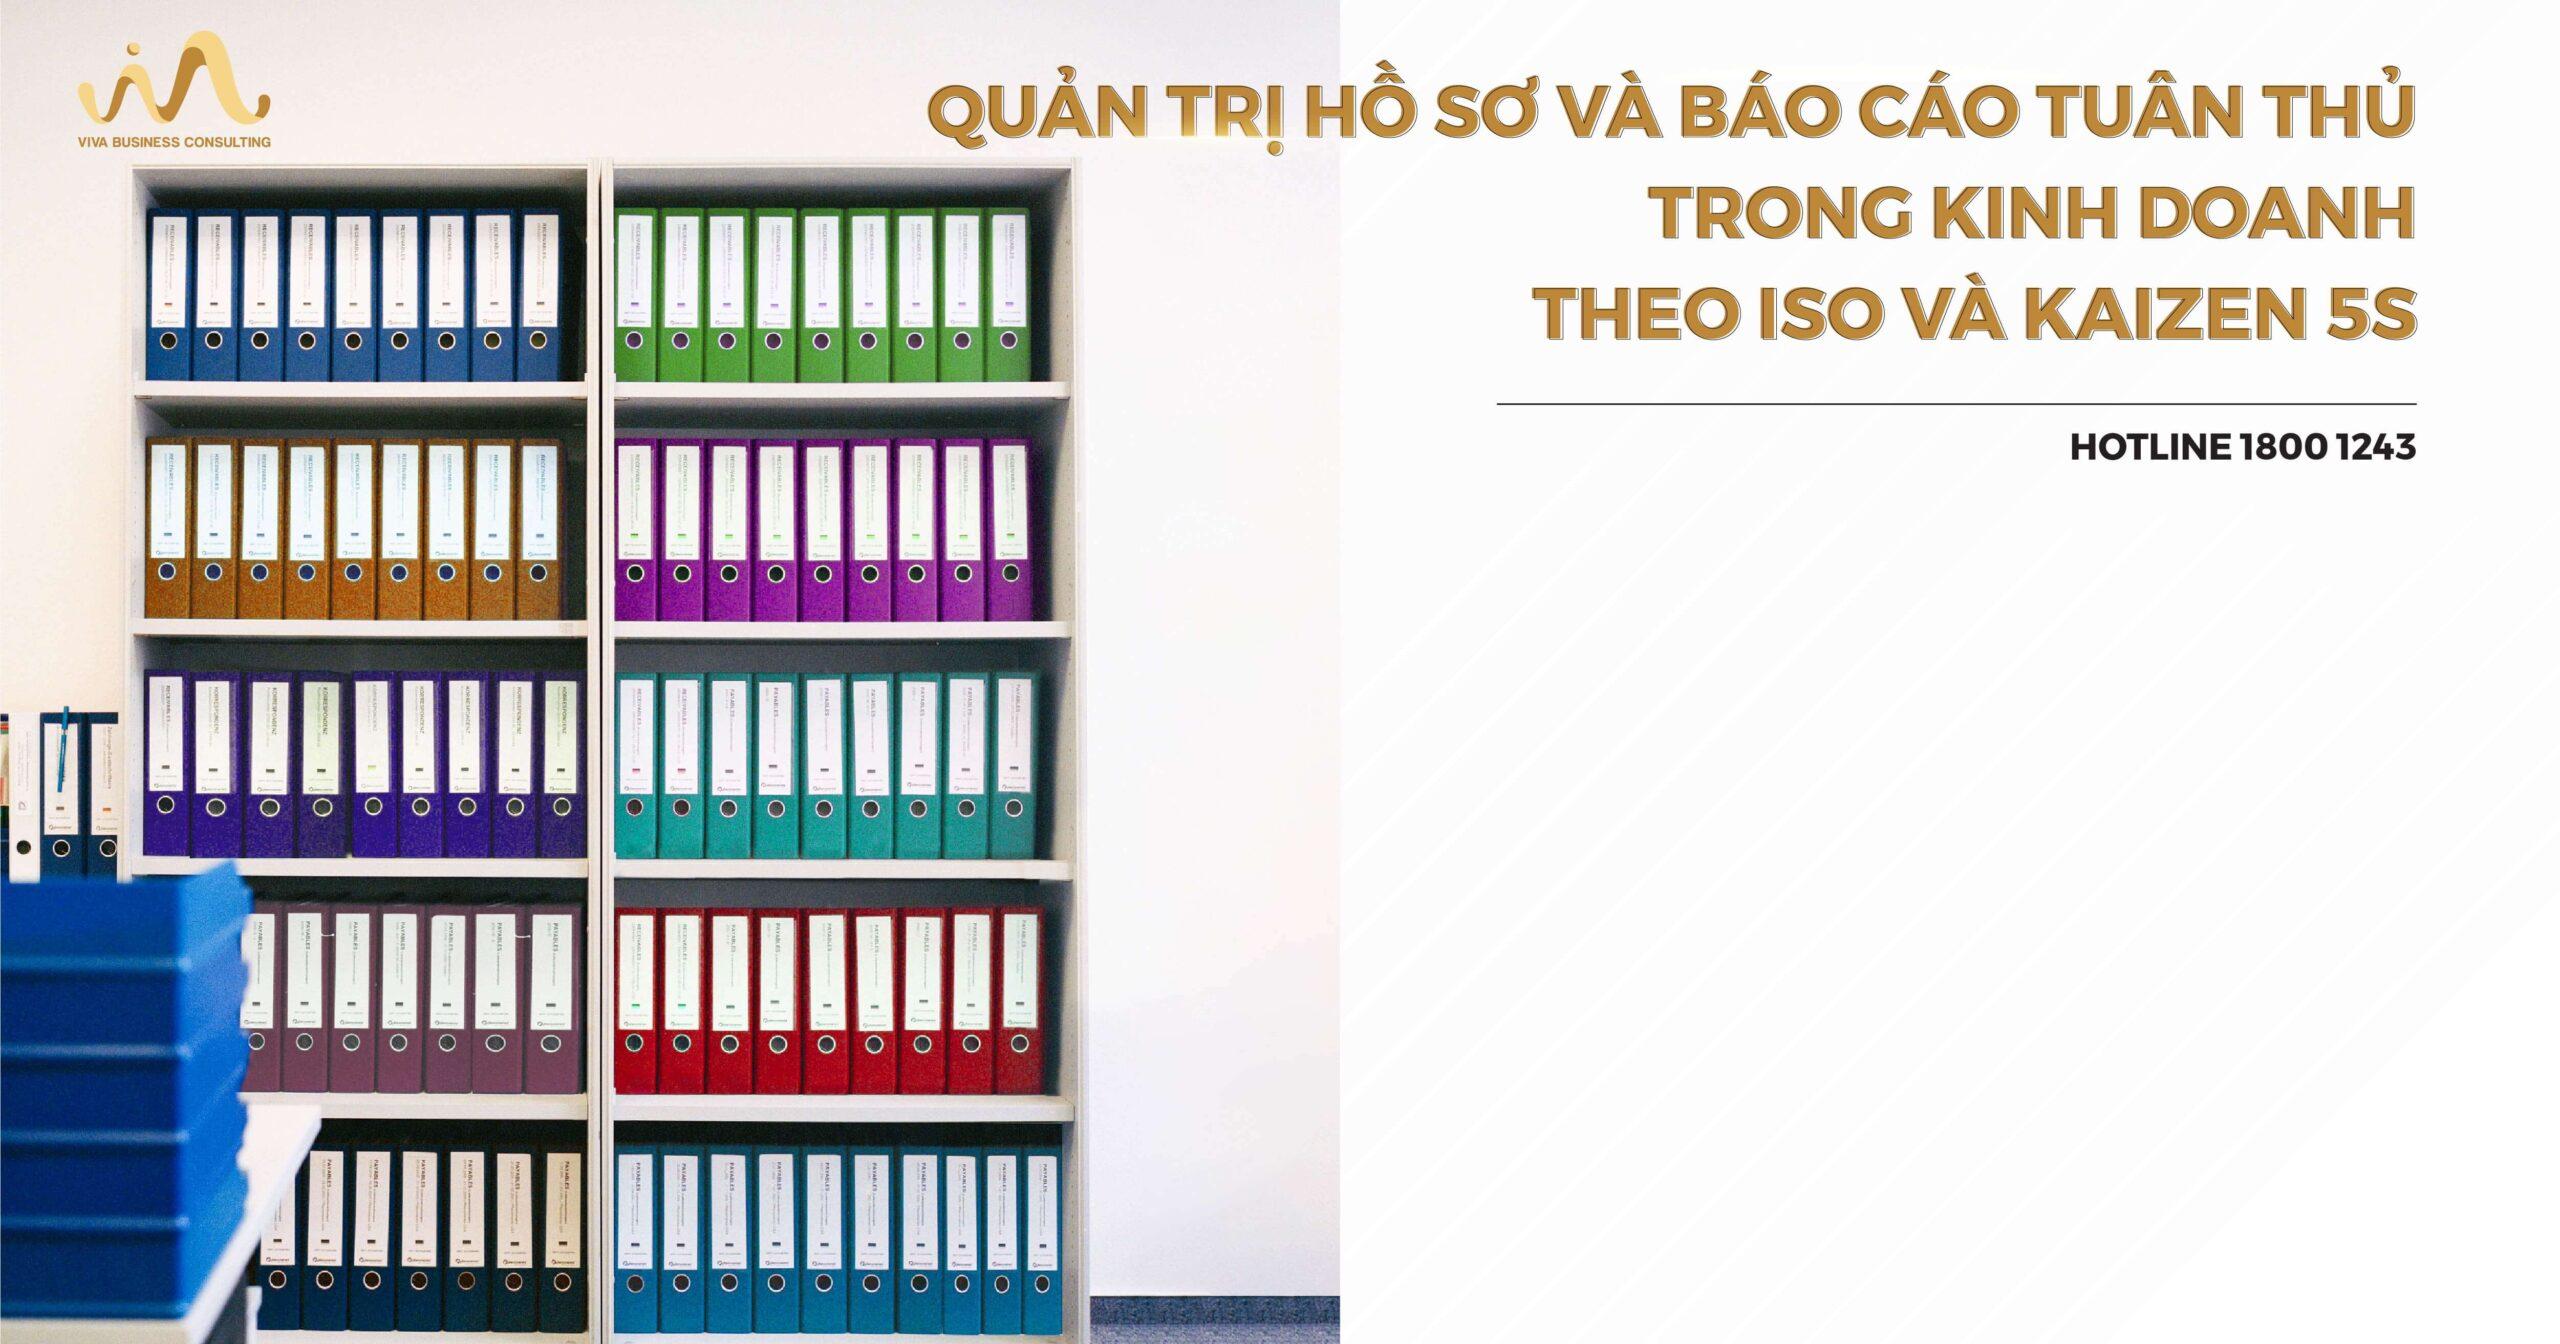 Quản lý hồ sơ - báo cáo tuân thủ trong kinh doanh theo ISO và Kaizen 5S